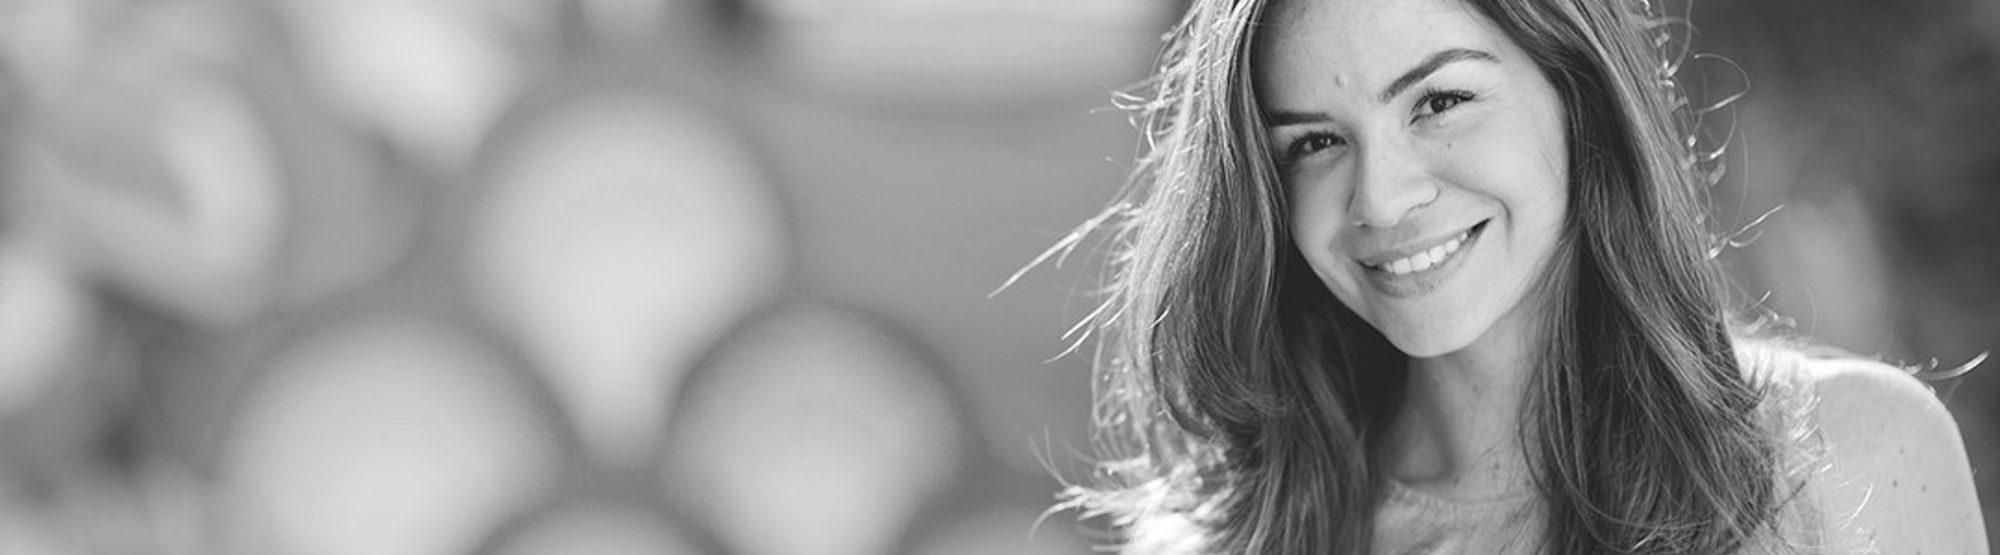 #AInternetQueaGenteQuer: Contente promove roda de conversa com Fernanda Neute